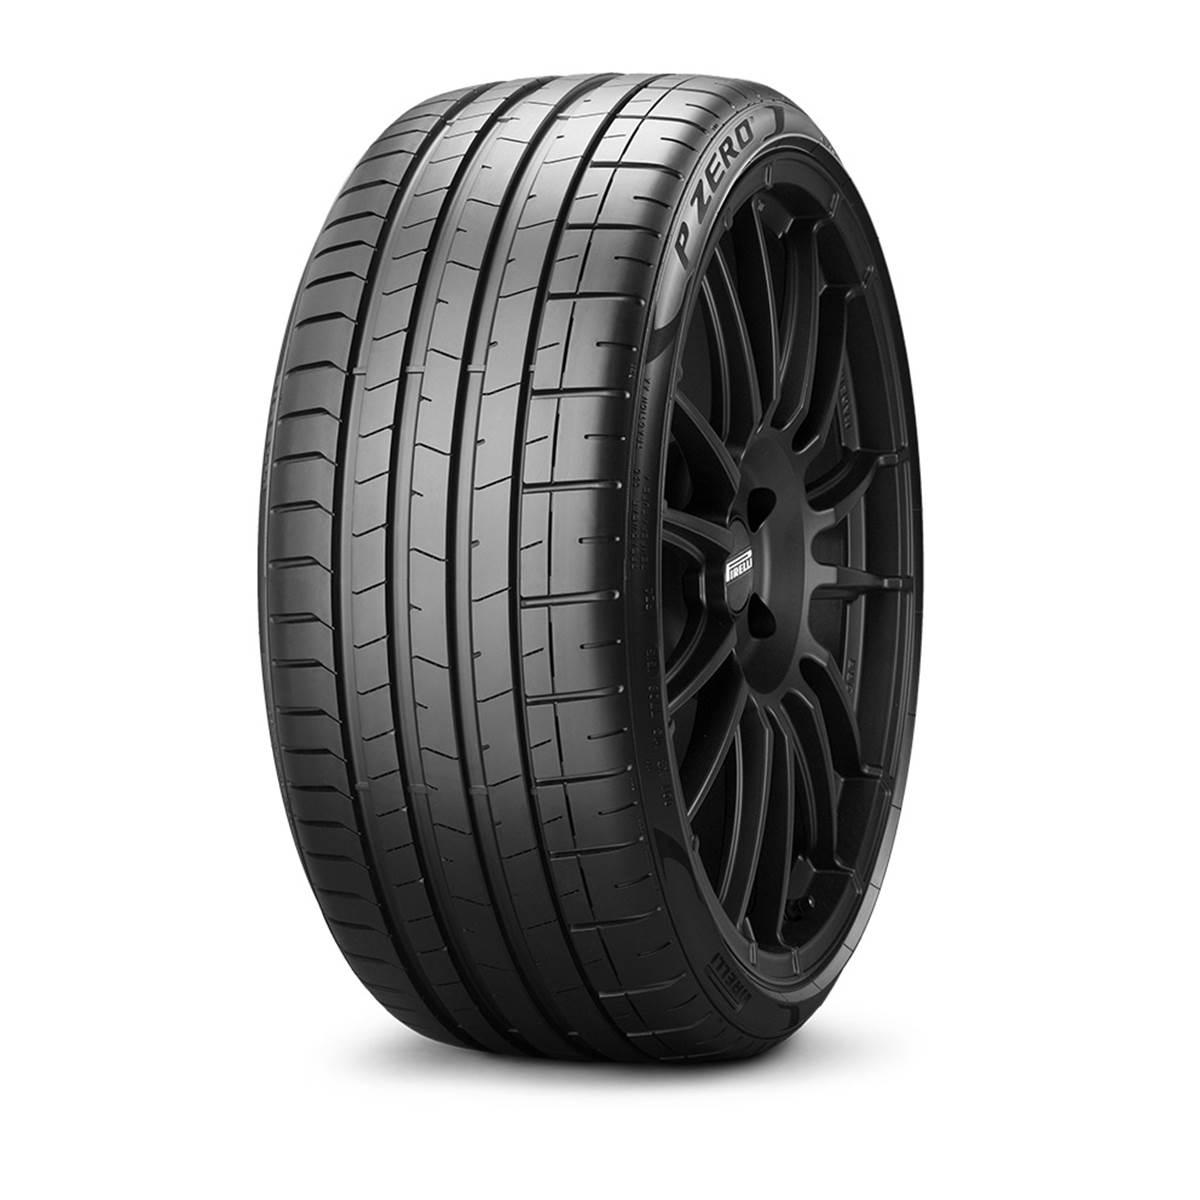 Pneu Pirelli 275/45R19 108Y Pzero XL